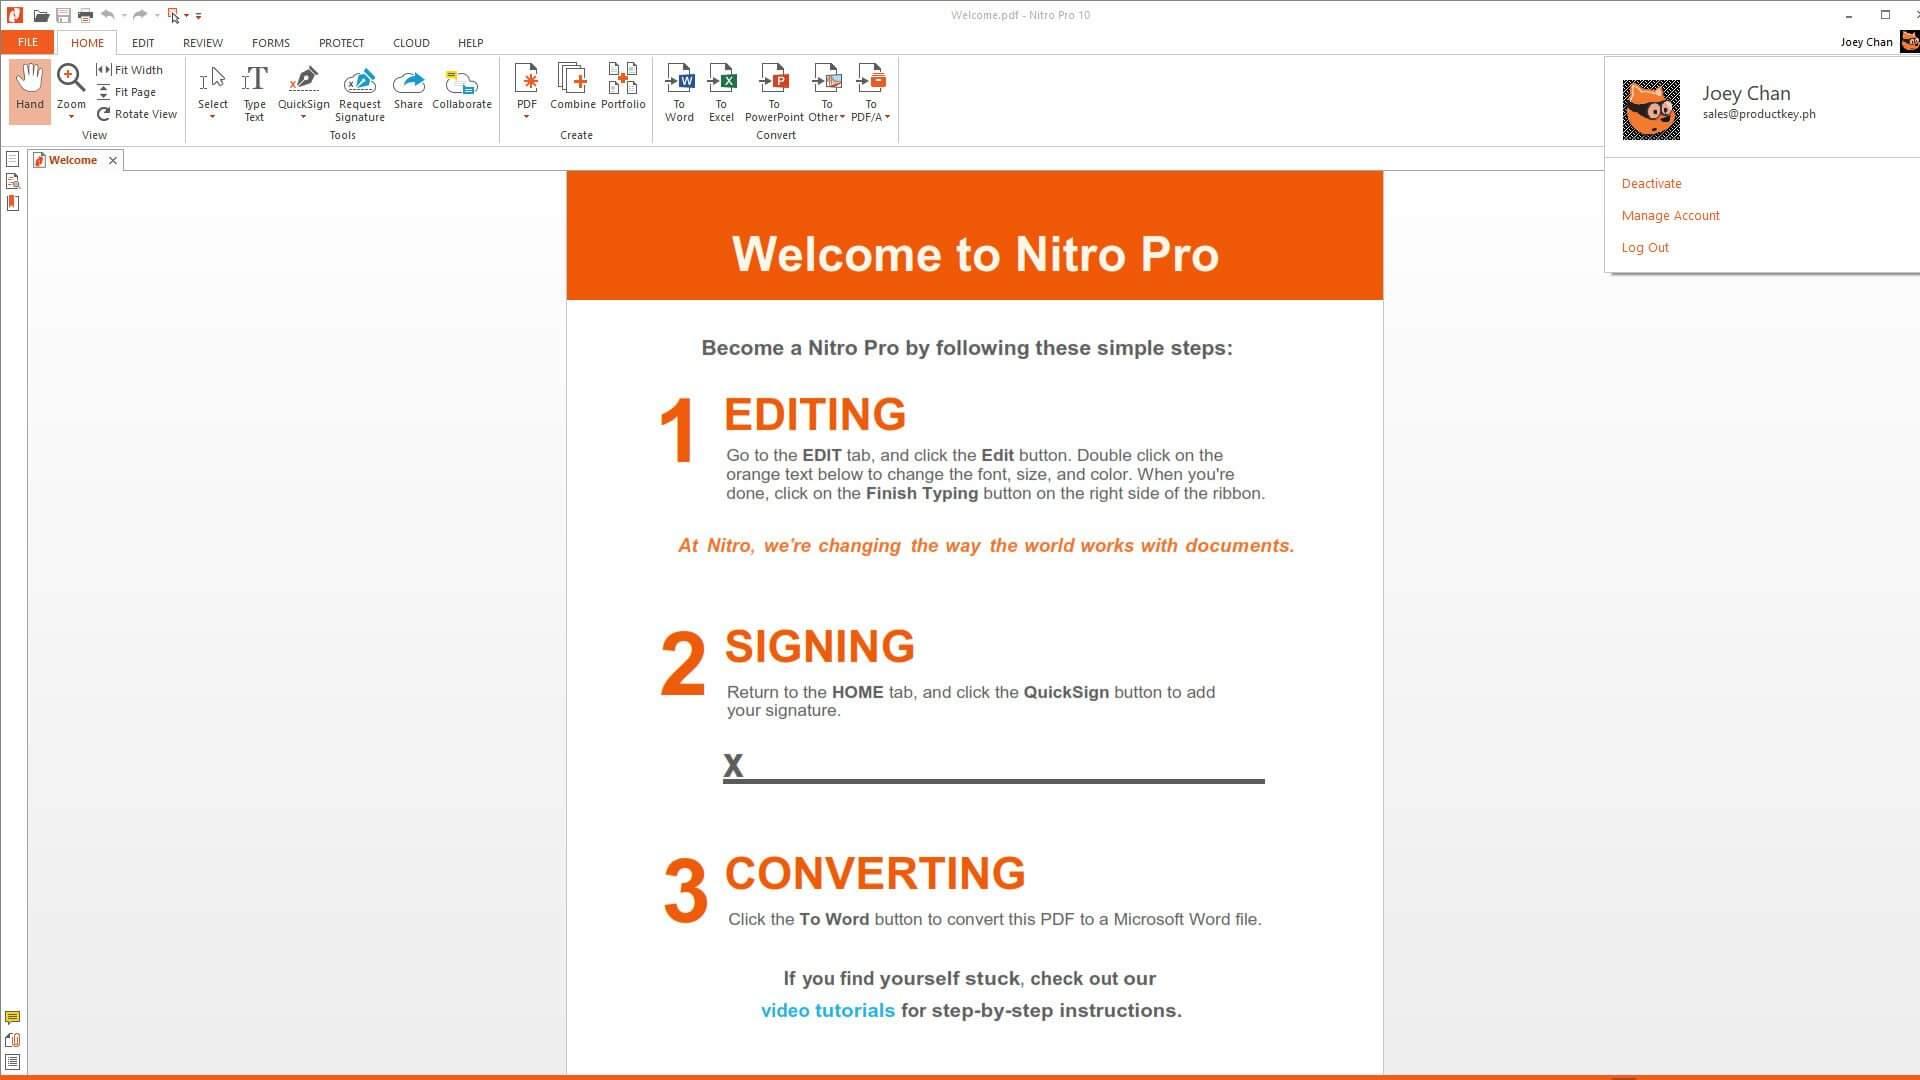 Download Nitro Pro 12 Full Key Crack moi nhat 2019 chinh sua bien tap file PDF tot nhat